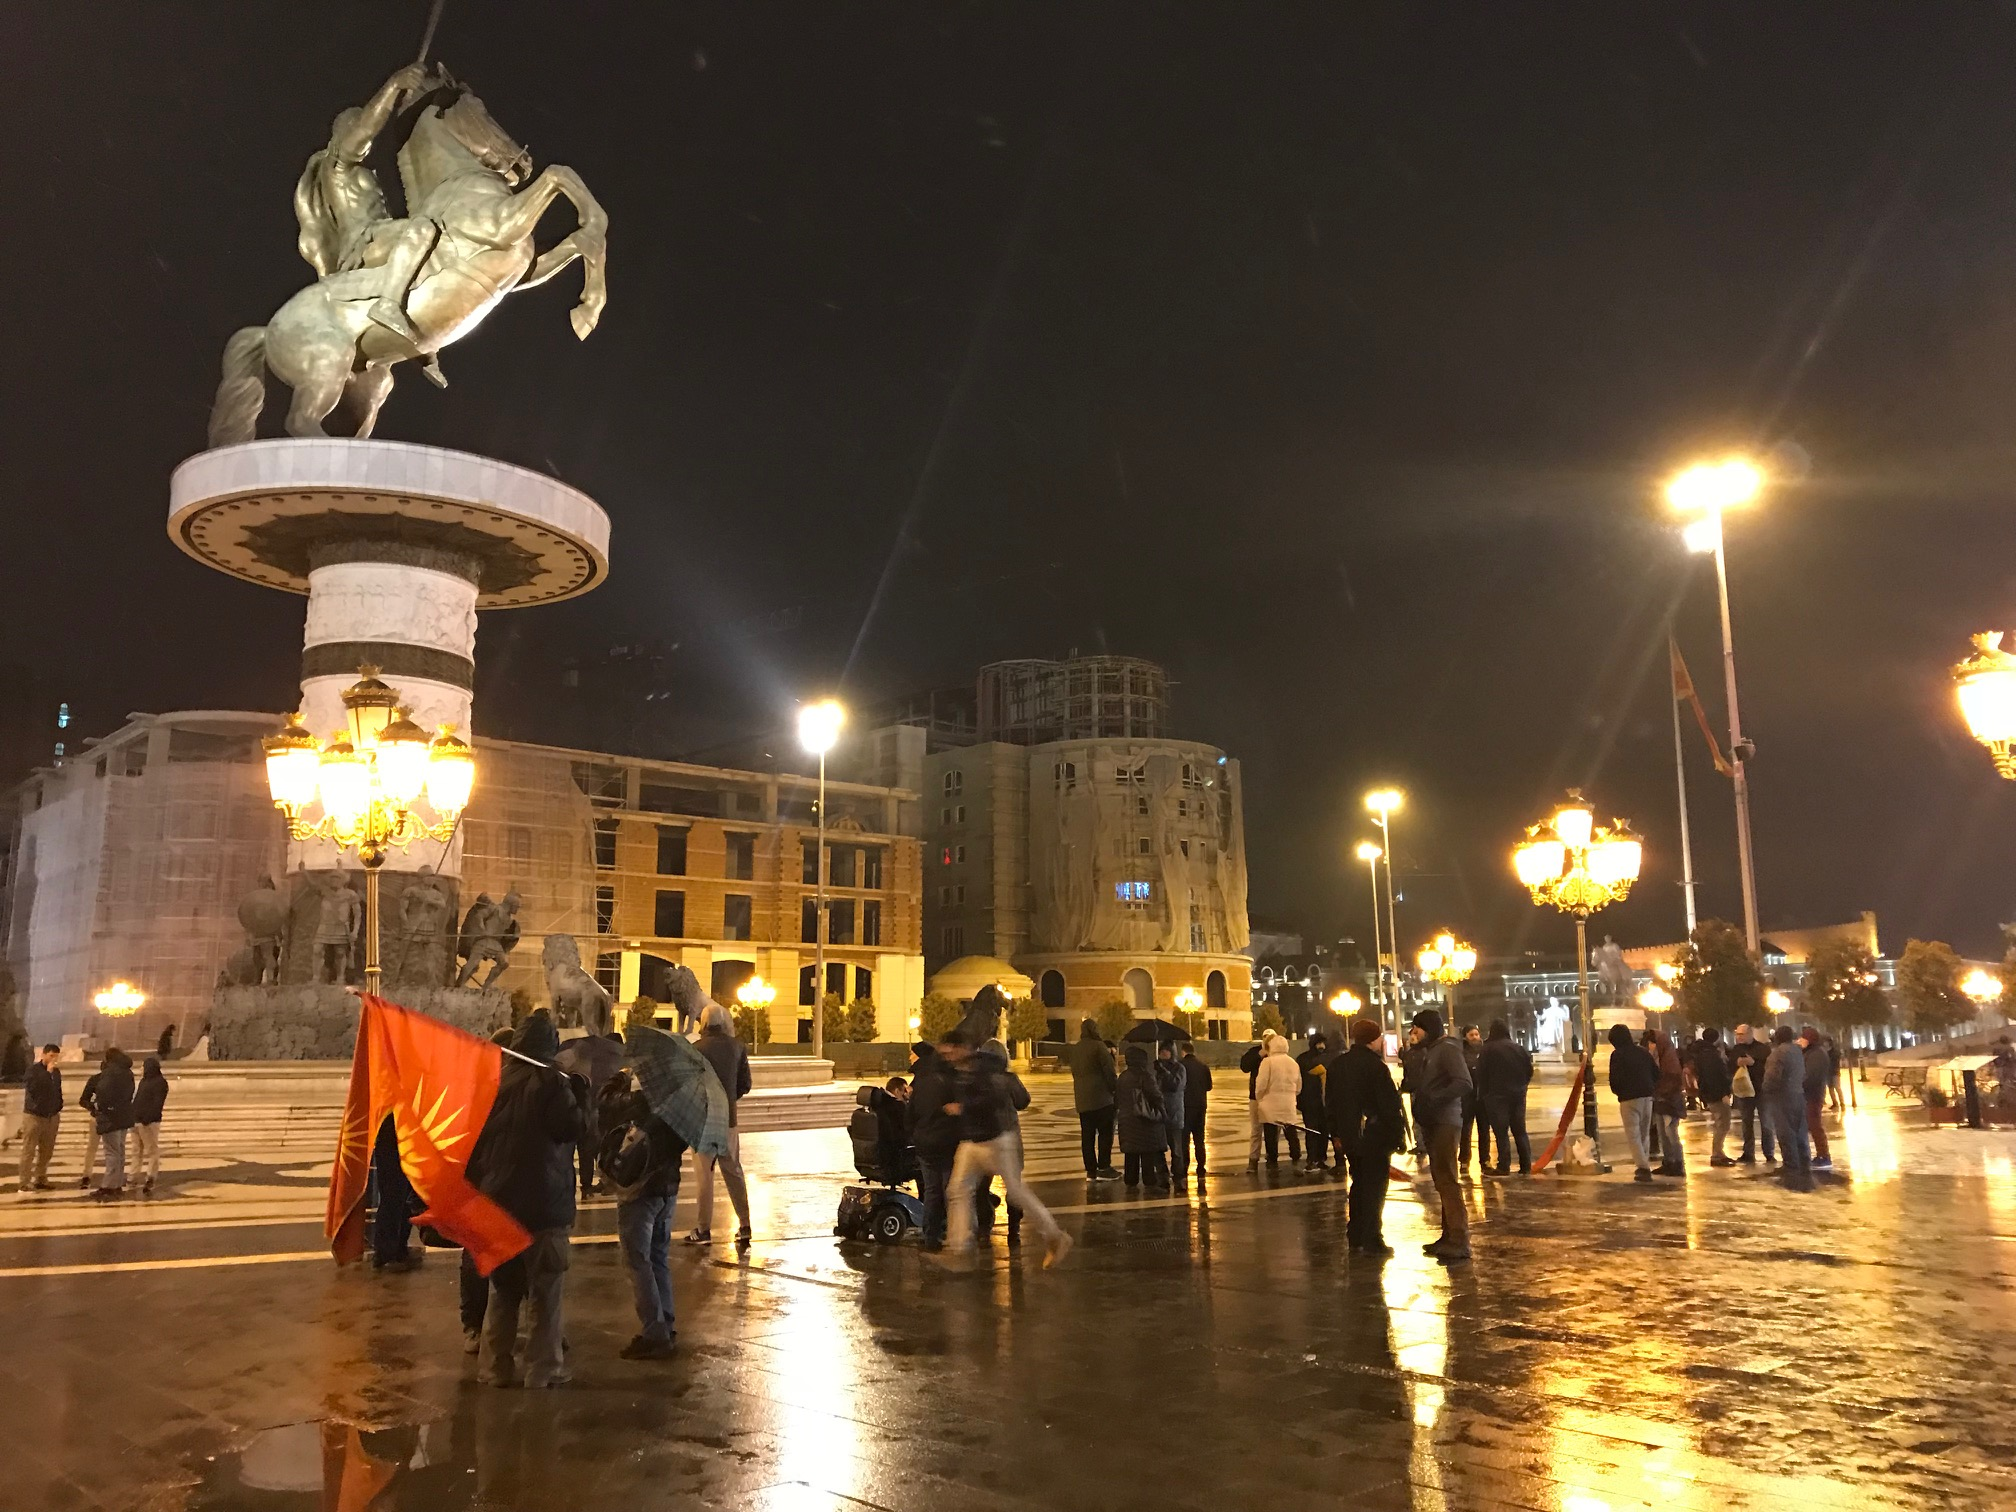 Μικρή κινητοποίηση προκάλεσε η ψεύτικη είδηση για απομάκρυνση του αγάλματος του Μ. Αλεξάνδρου από την πλατεία των Σκοπίων